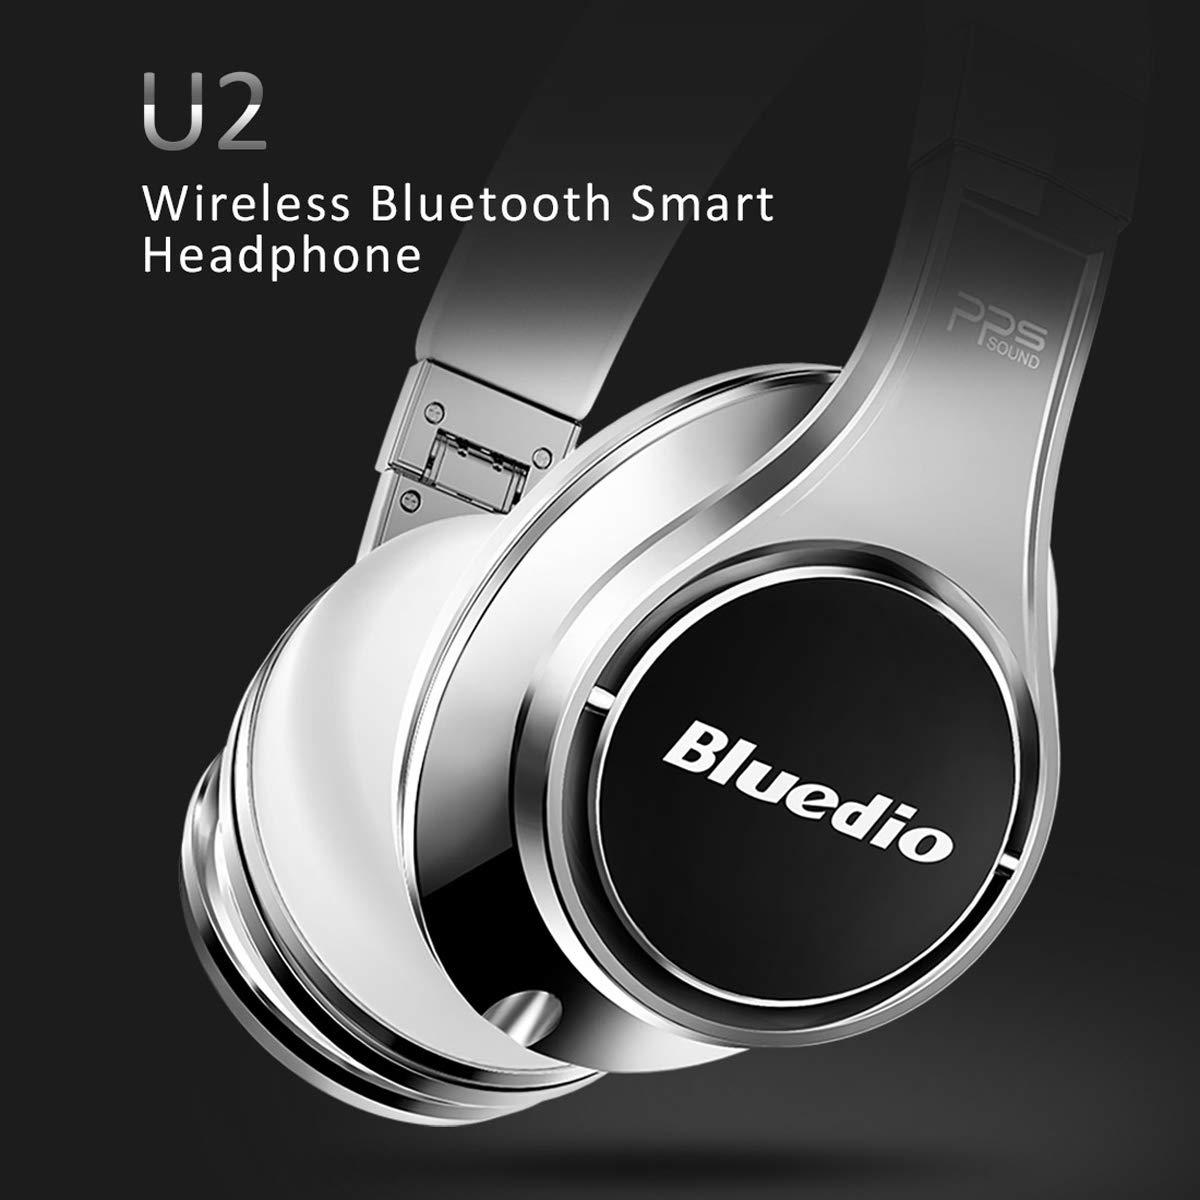 Bluedio U2 (UFO) Auriculares Bluetooth con 8 Altavoces de 3D Sonido, Cubre la Oreja para Controlar de Voz, Micrófono para teléfonos (Blanco y ...